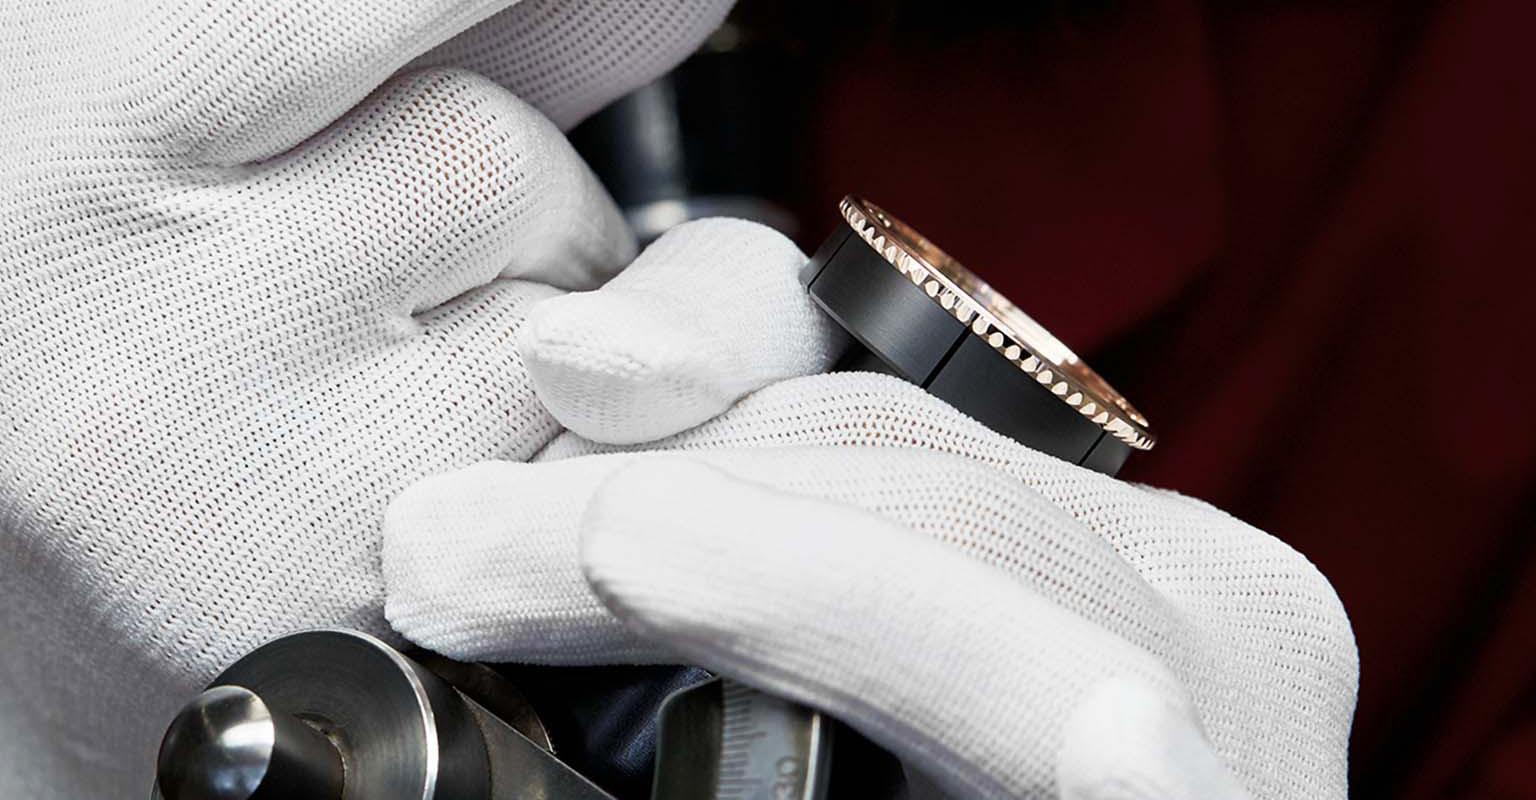 Rolex Deepsea Gold Final Human Touch